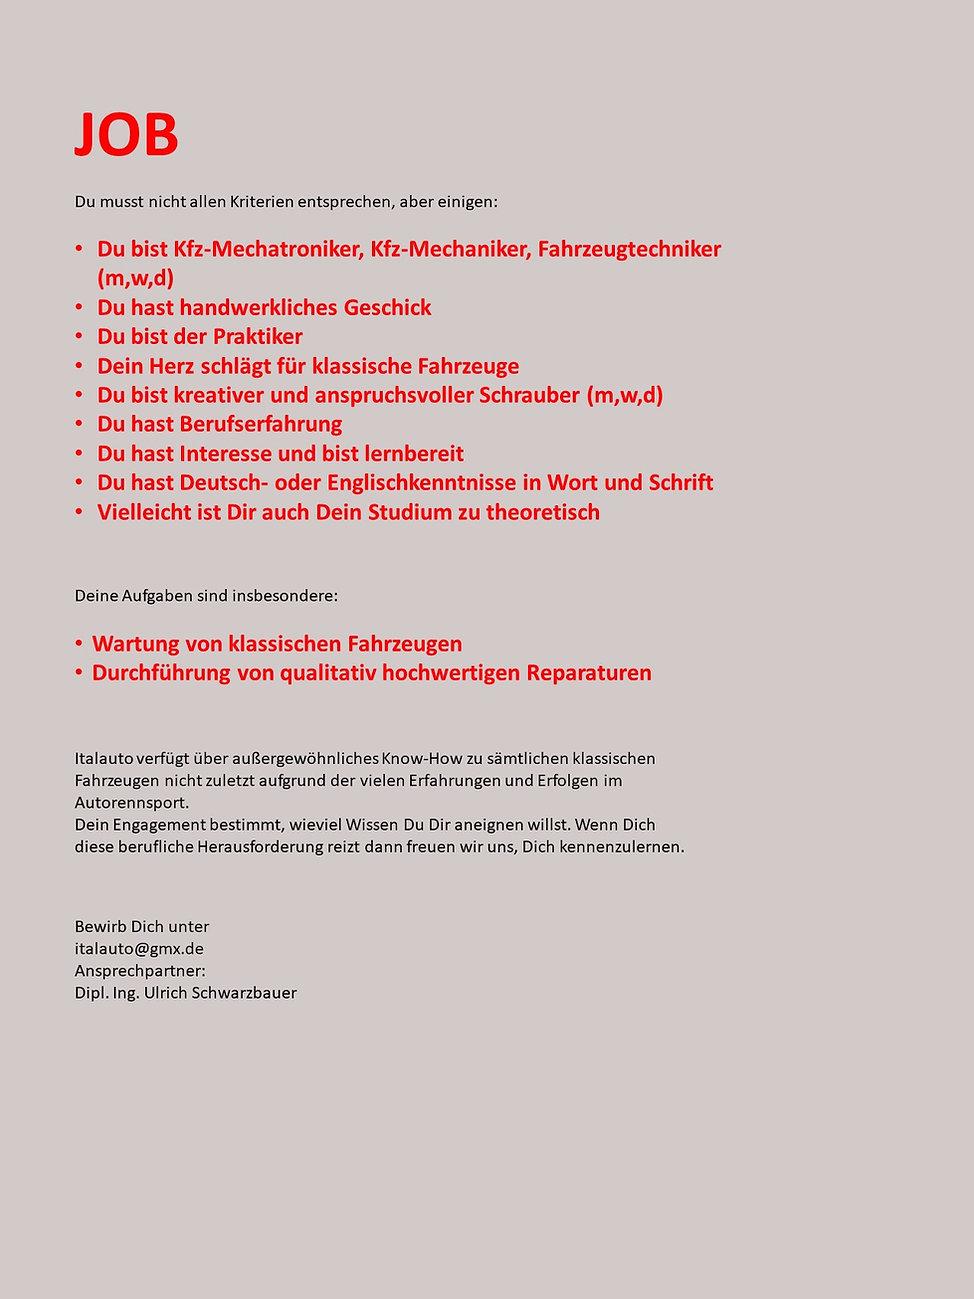 stellenanzeige_homepage_2 (003).jpg